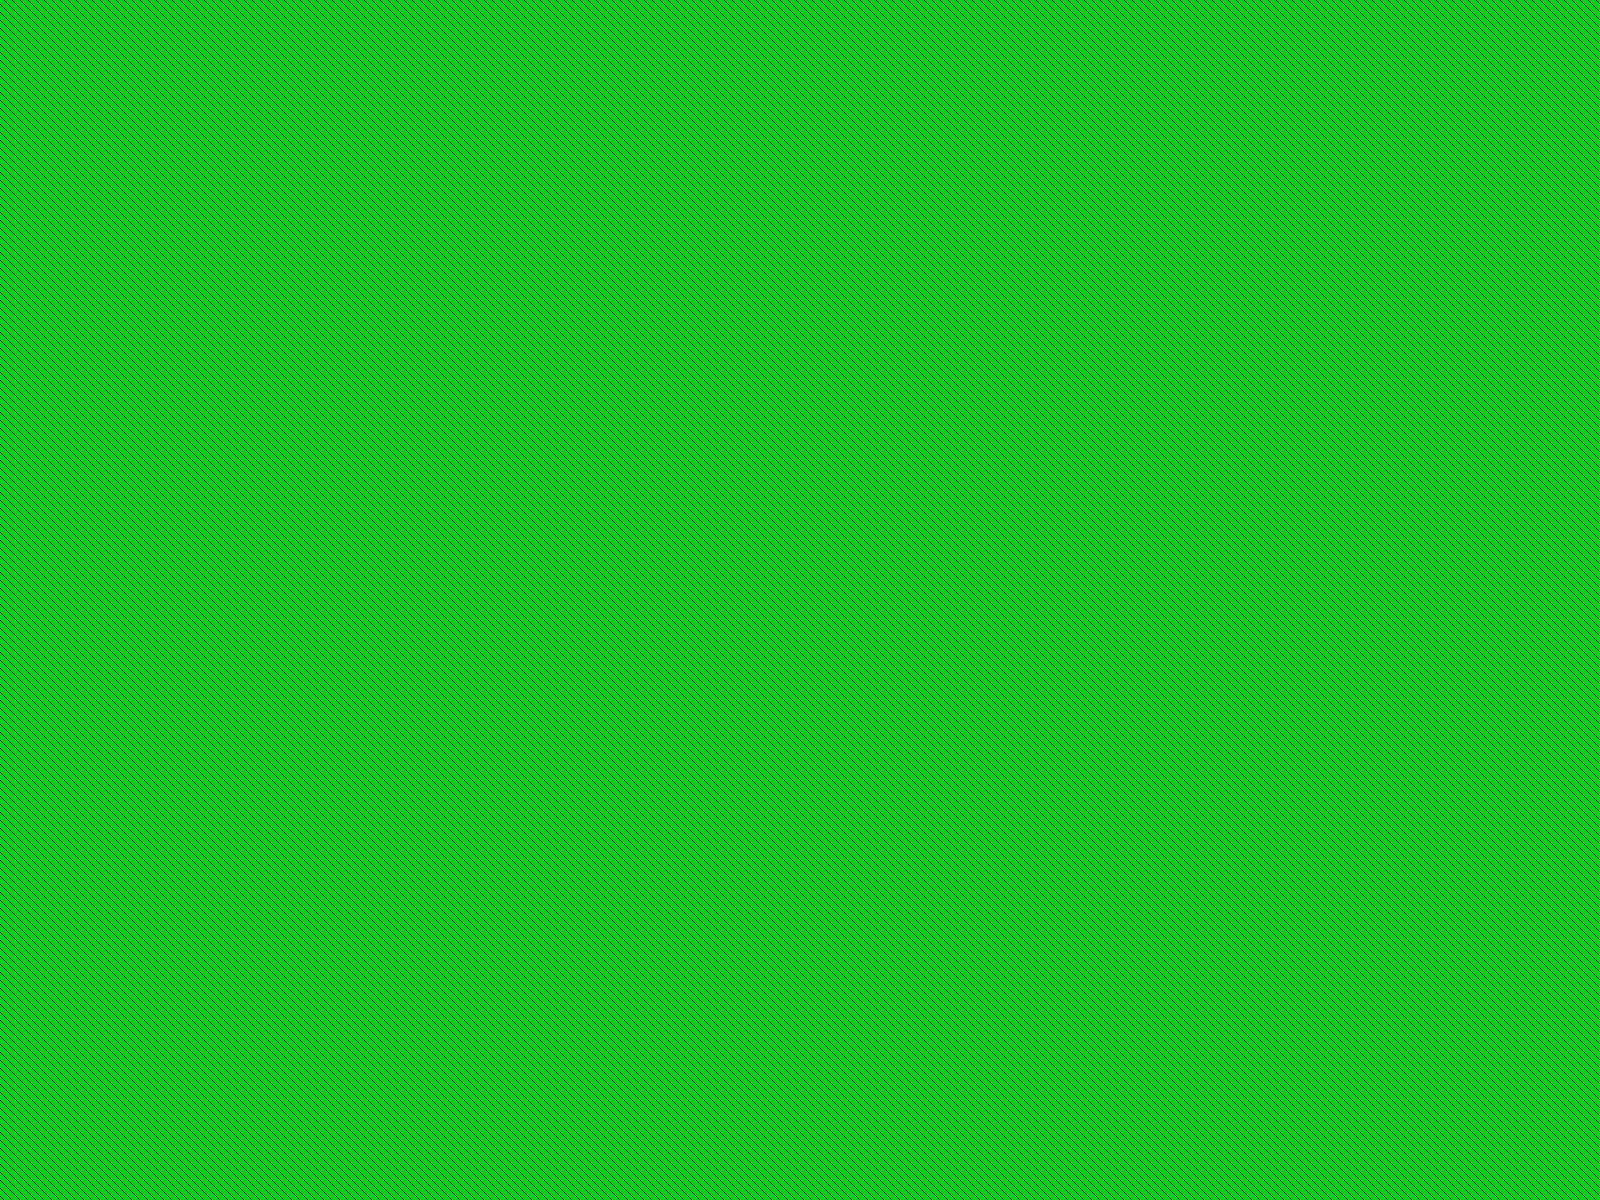 Açık Yeşil Arka Plan